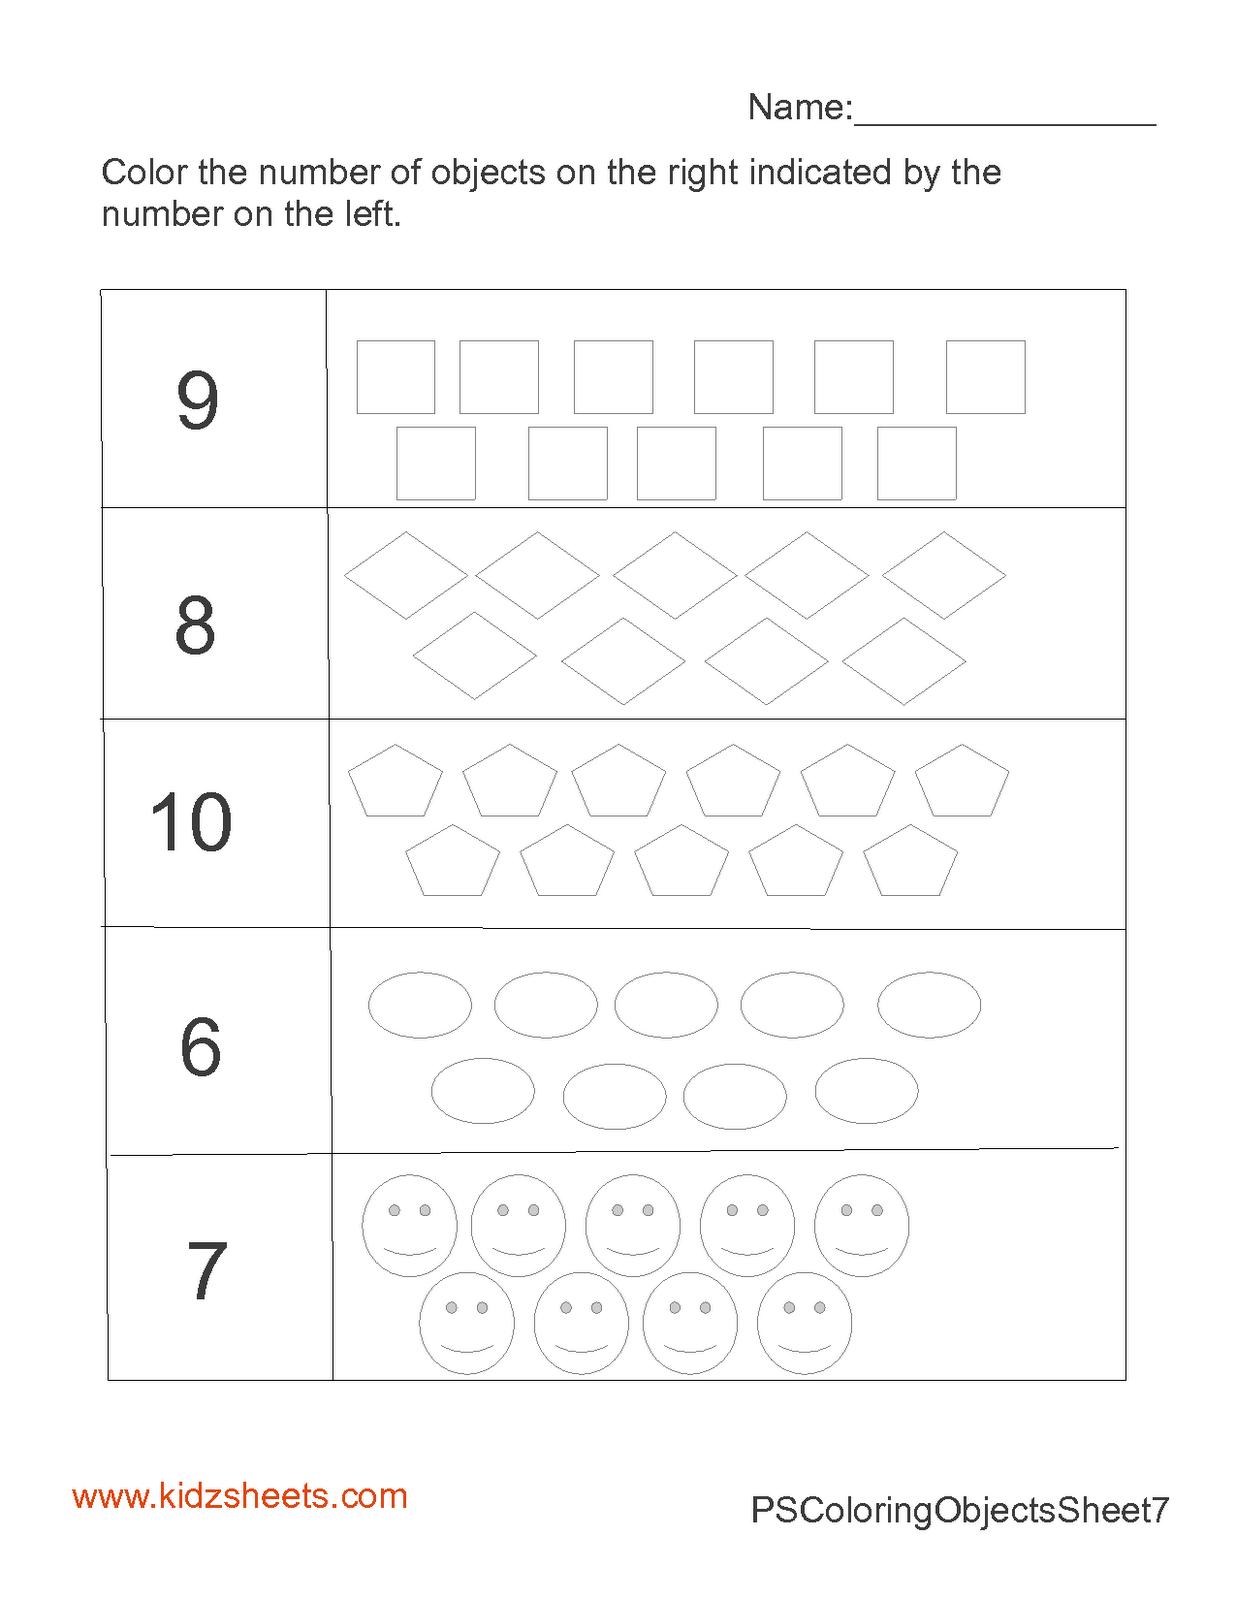 kidz worksheets preschool count color 6 10 worksheet2. Black Bedroom Furniture Sets. Home Design Ideas